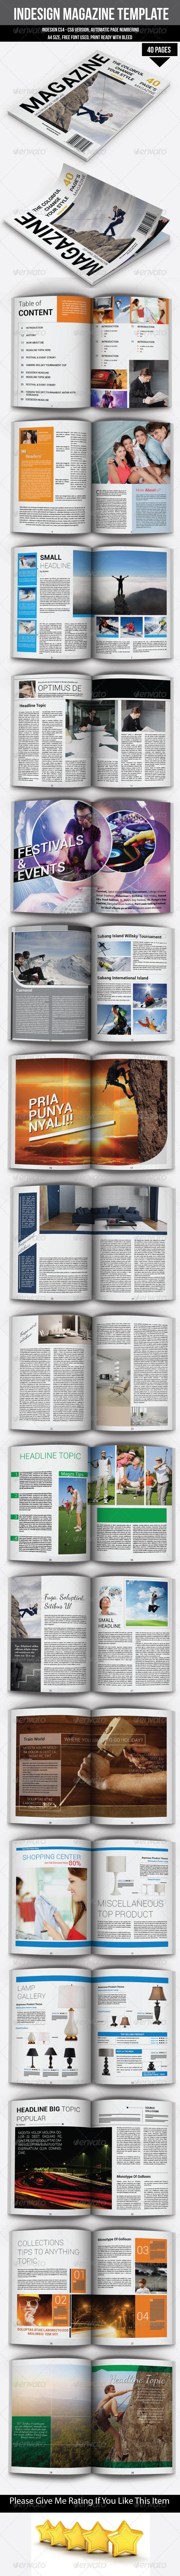 GraphicRiver A4 Magazine Template 6770058